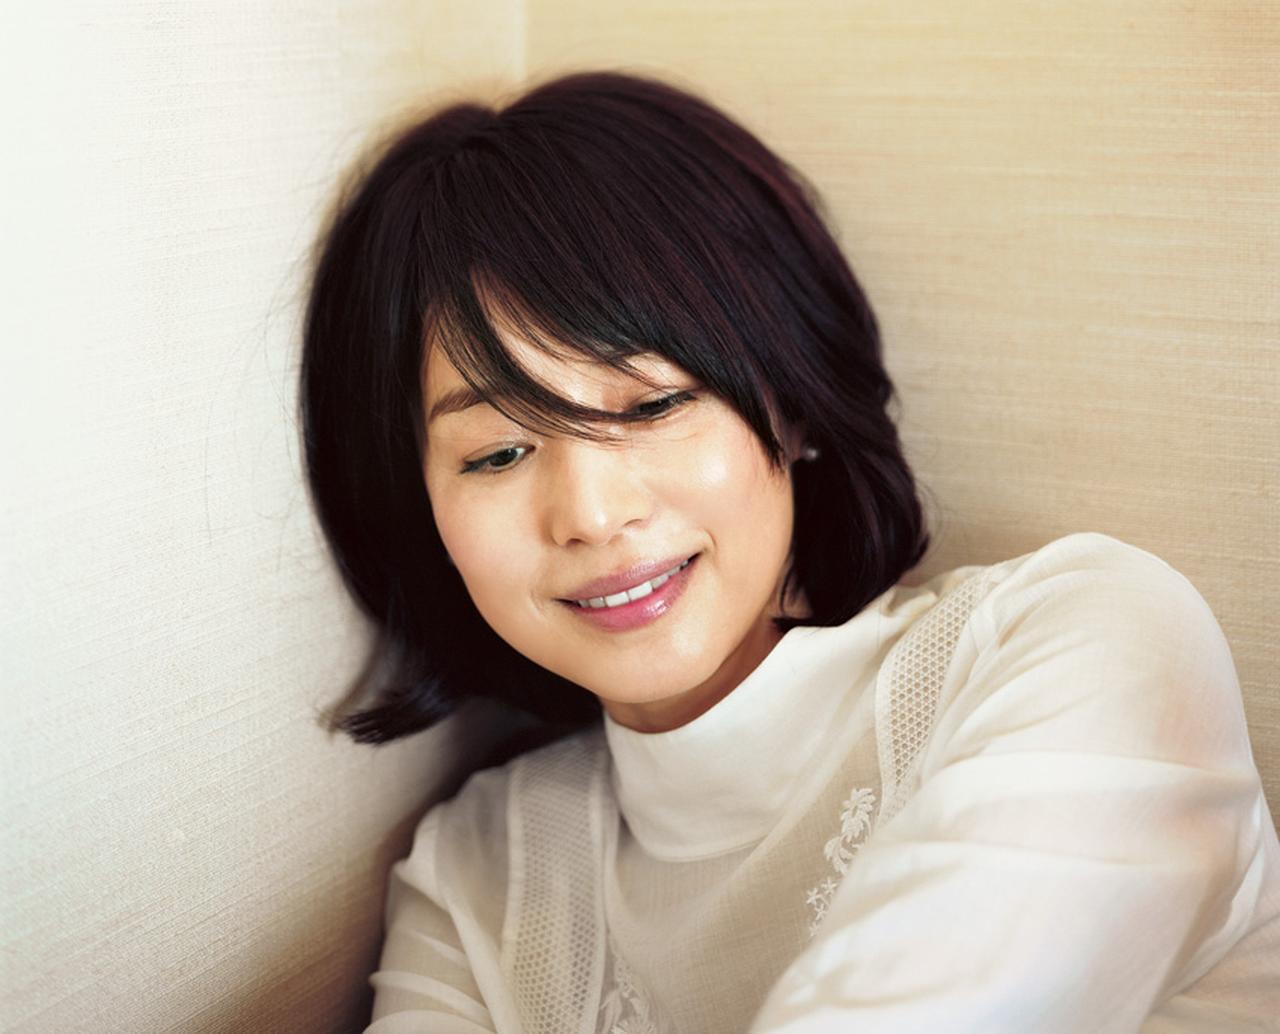 石田ゆり子さんが大切にしている「暮らしと言葉」  [FRaU]